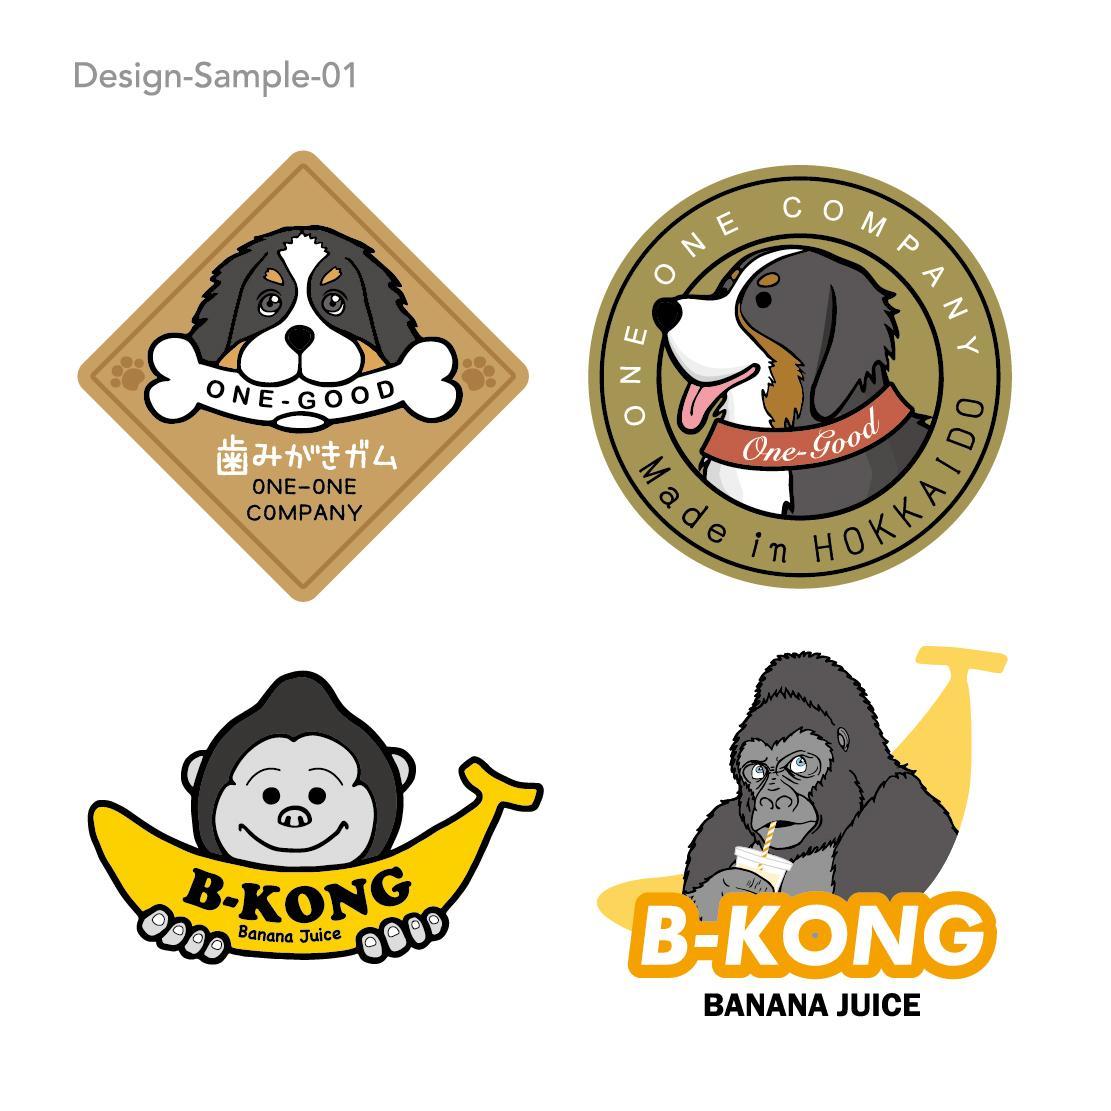 ロゴマークのデザインします 飲食店や企業ロゴなど様々な分野のデザイン承ります。 イメージ1